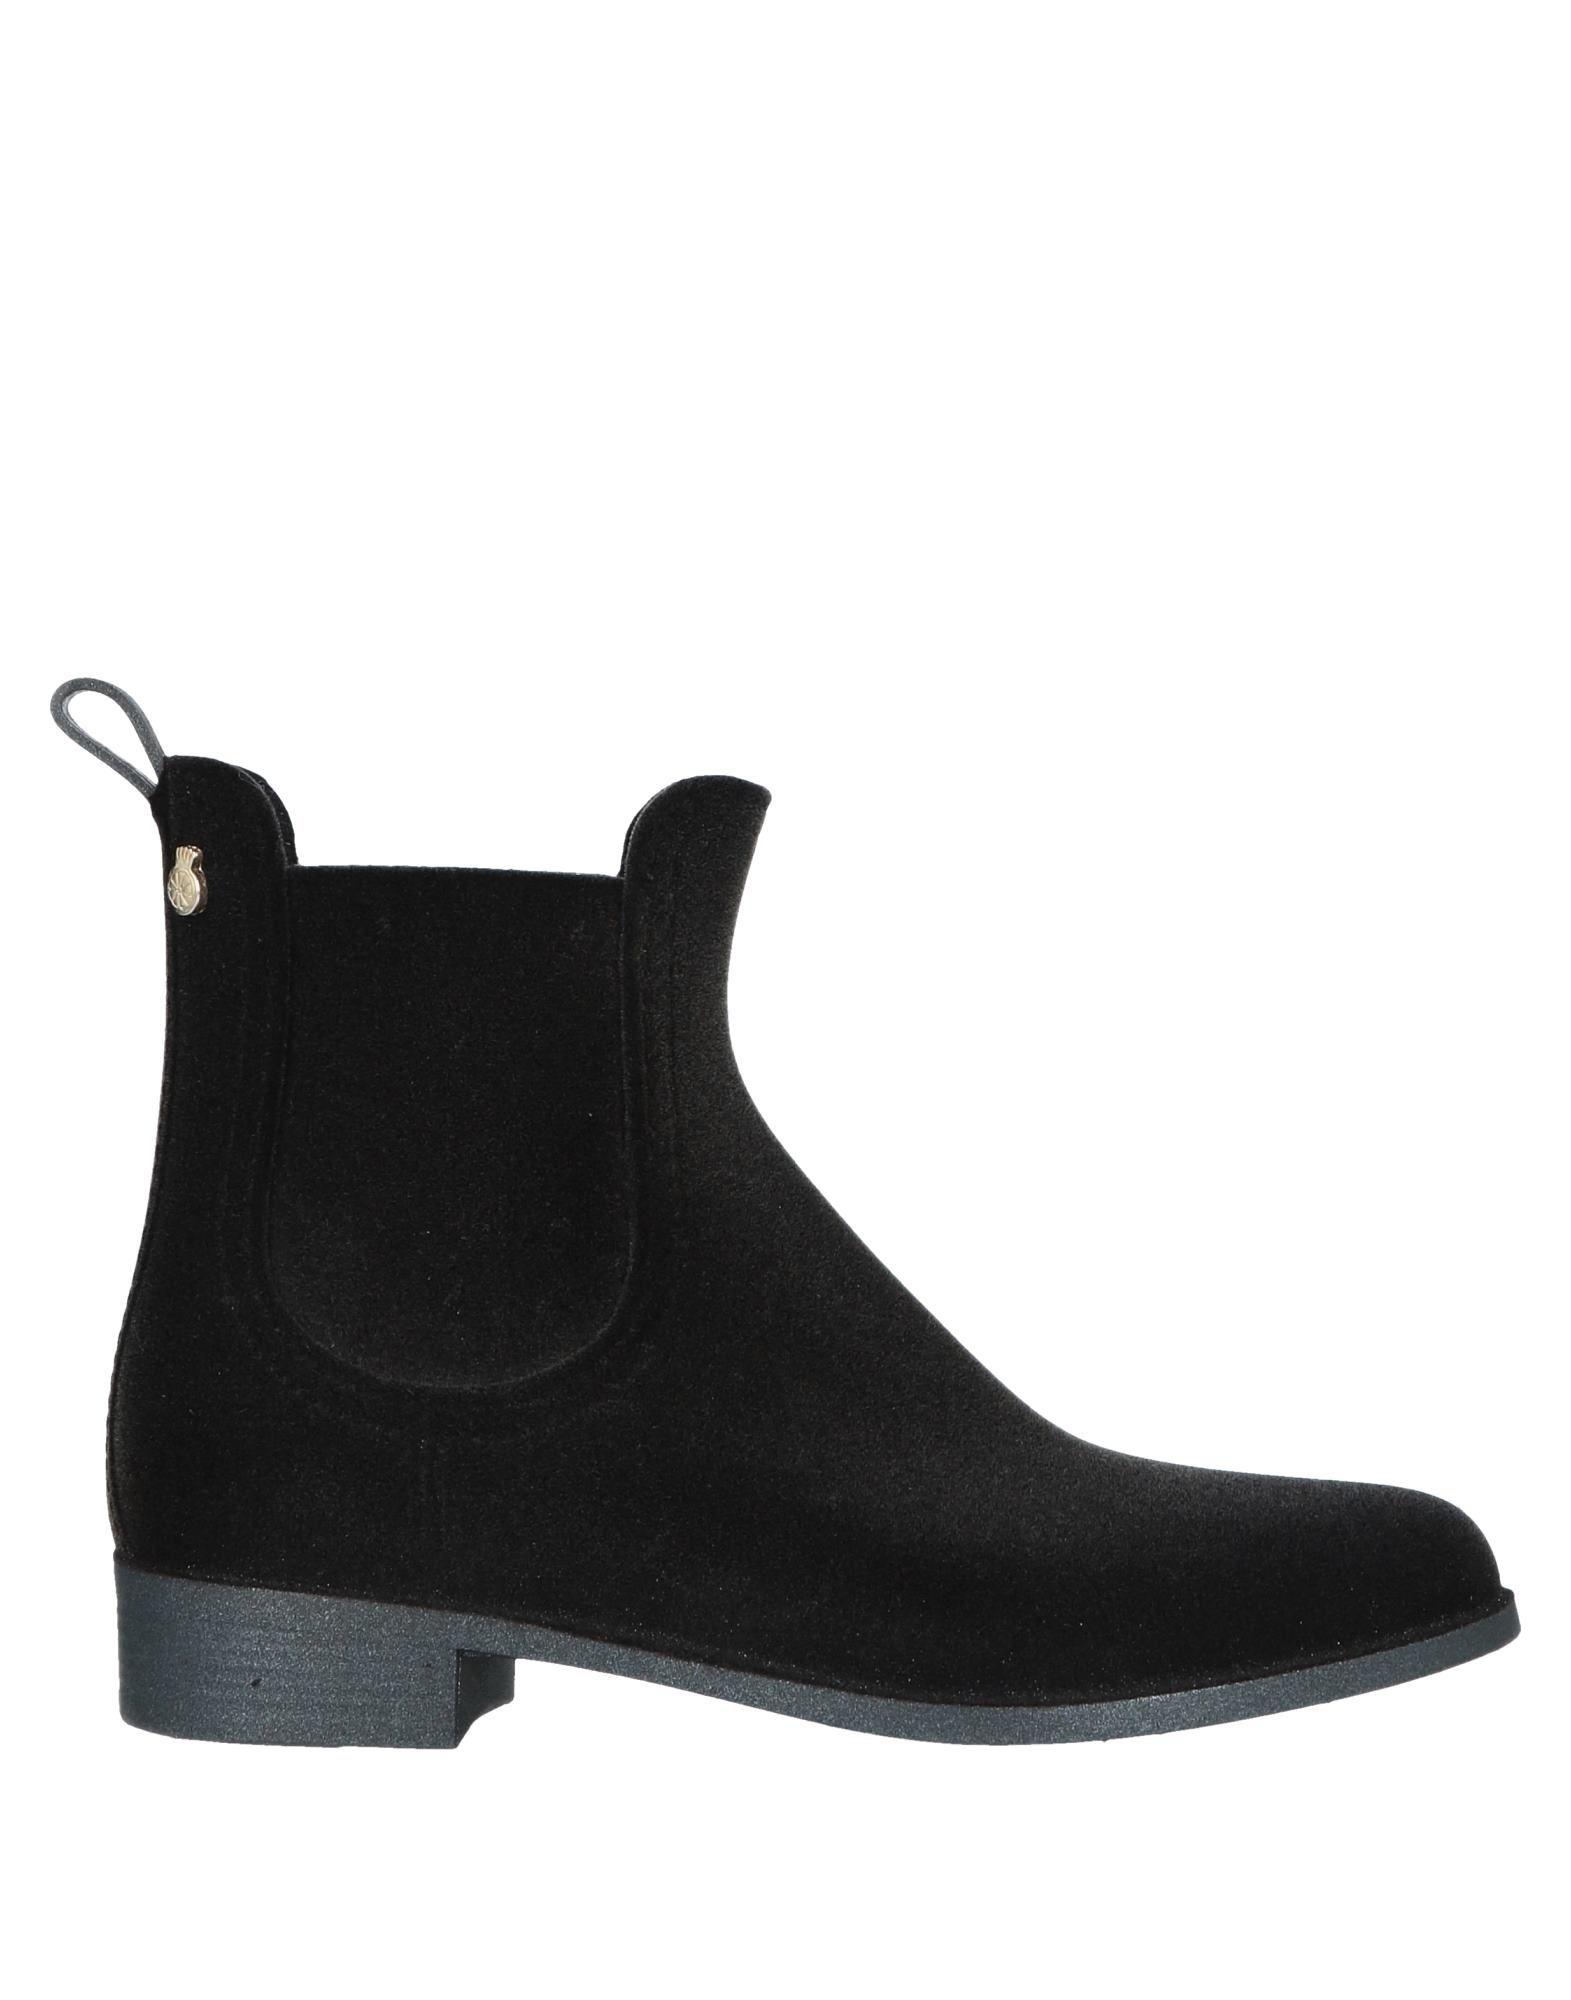 LEMON JELLY Полусапоги и высокие ботинки nicola sexton полусапоги и высокие ботинки